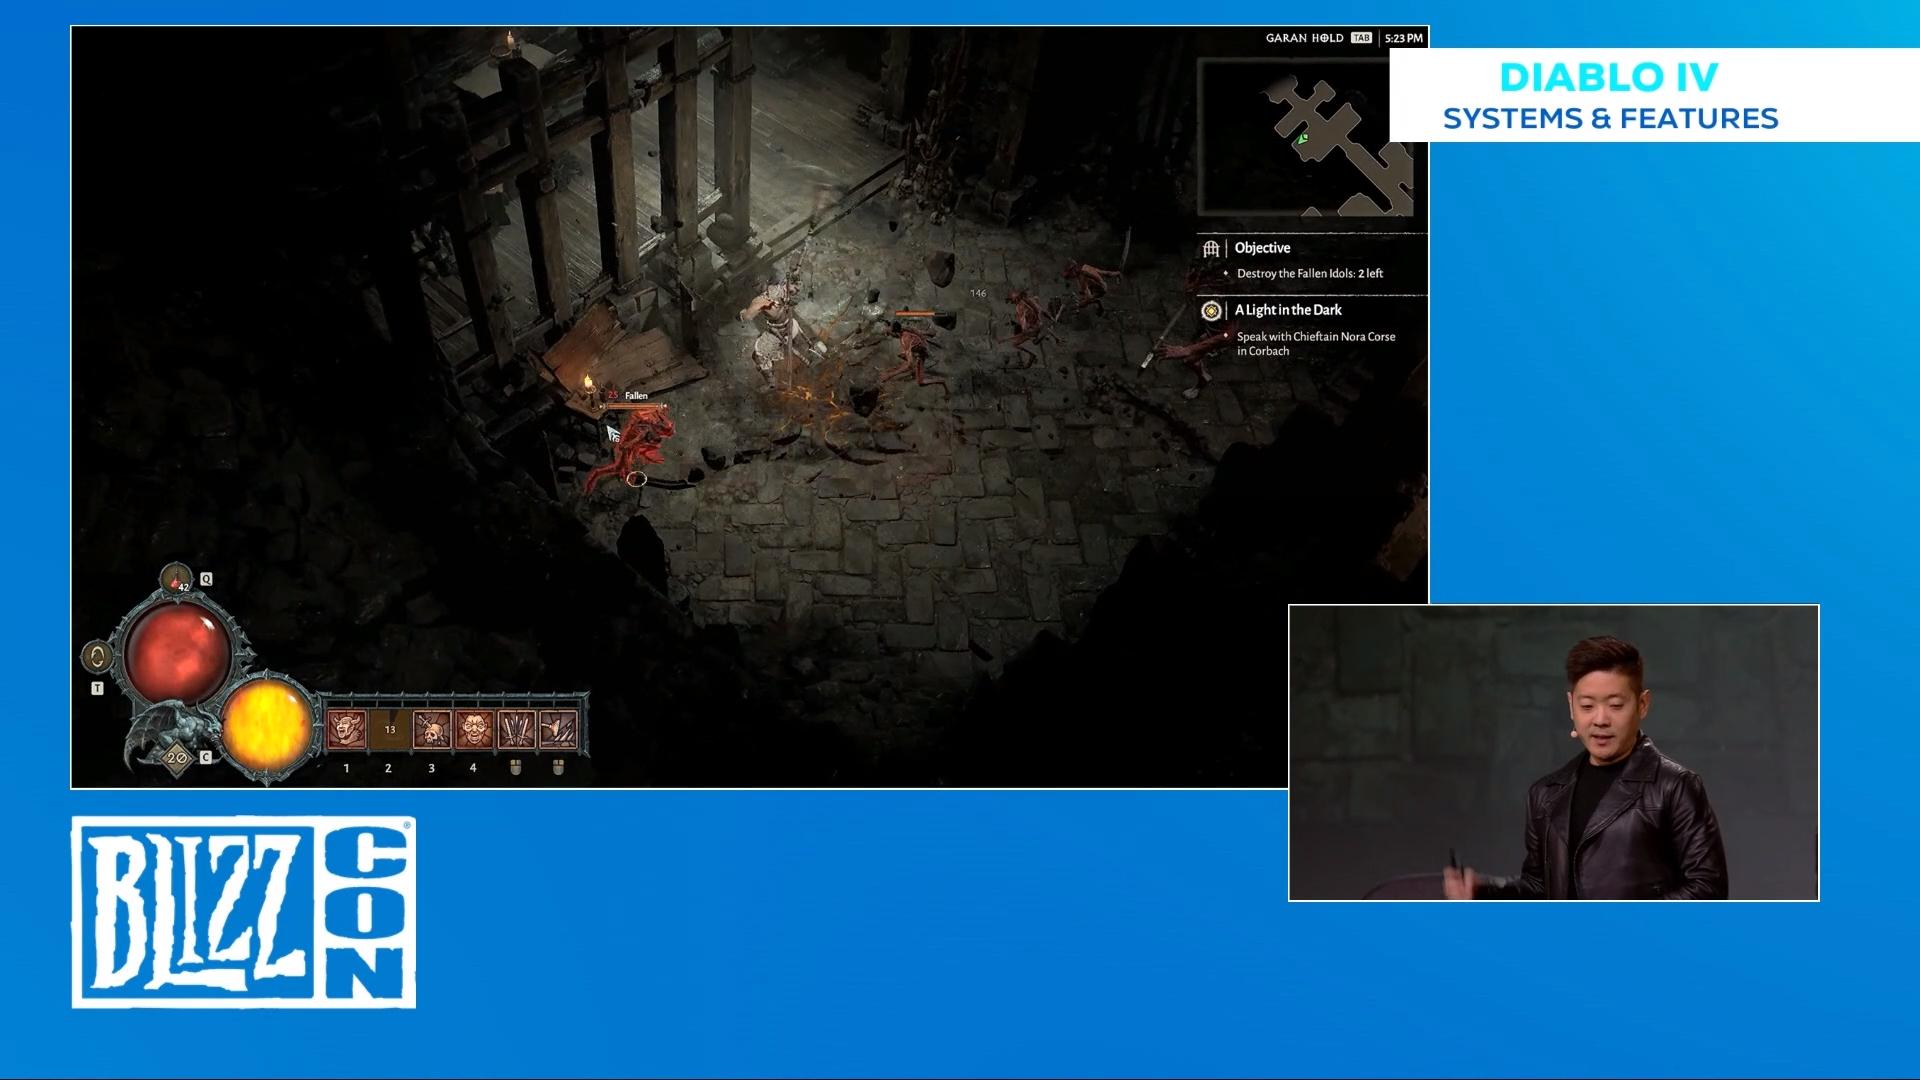 Image de la conférence 'Diablo IV : systèmes et fonctionnalités' de la BlizzCon 2019